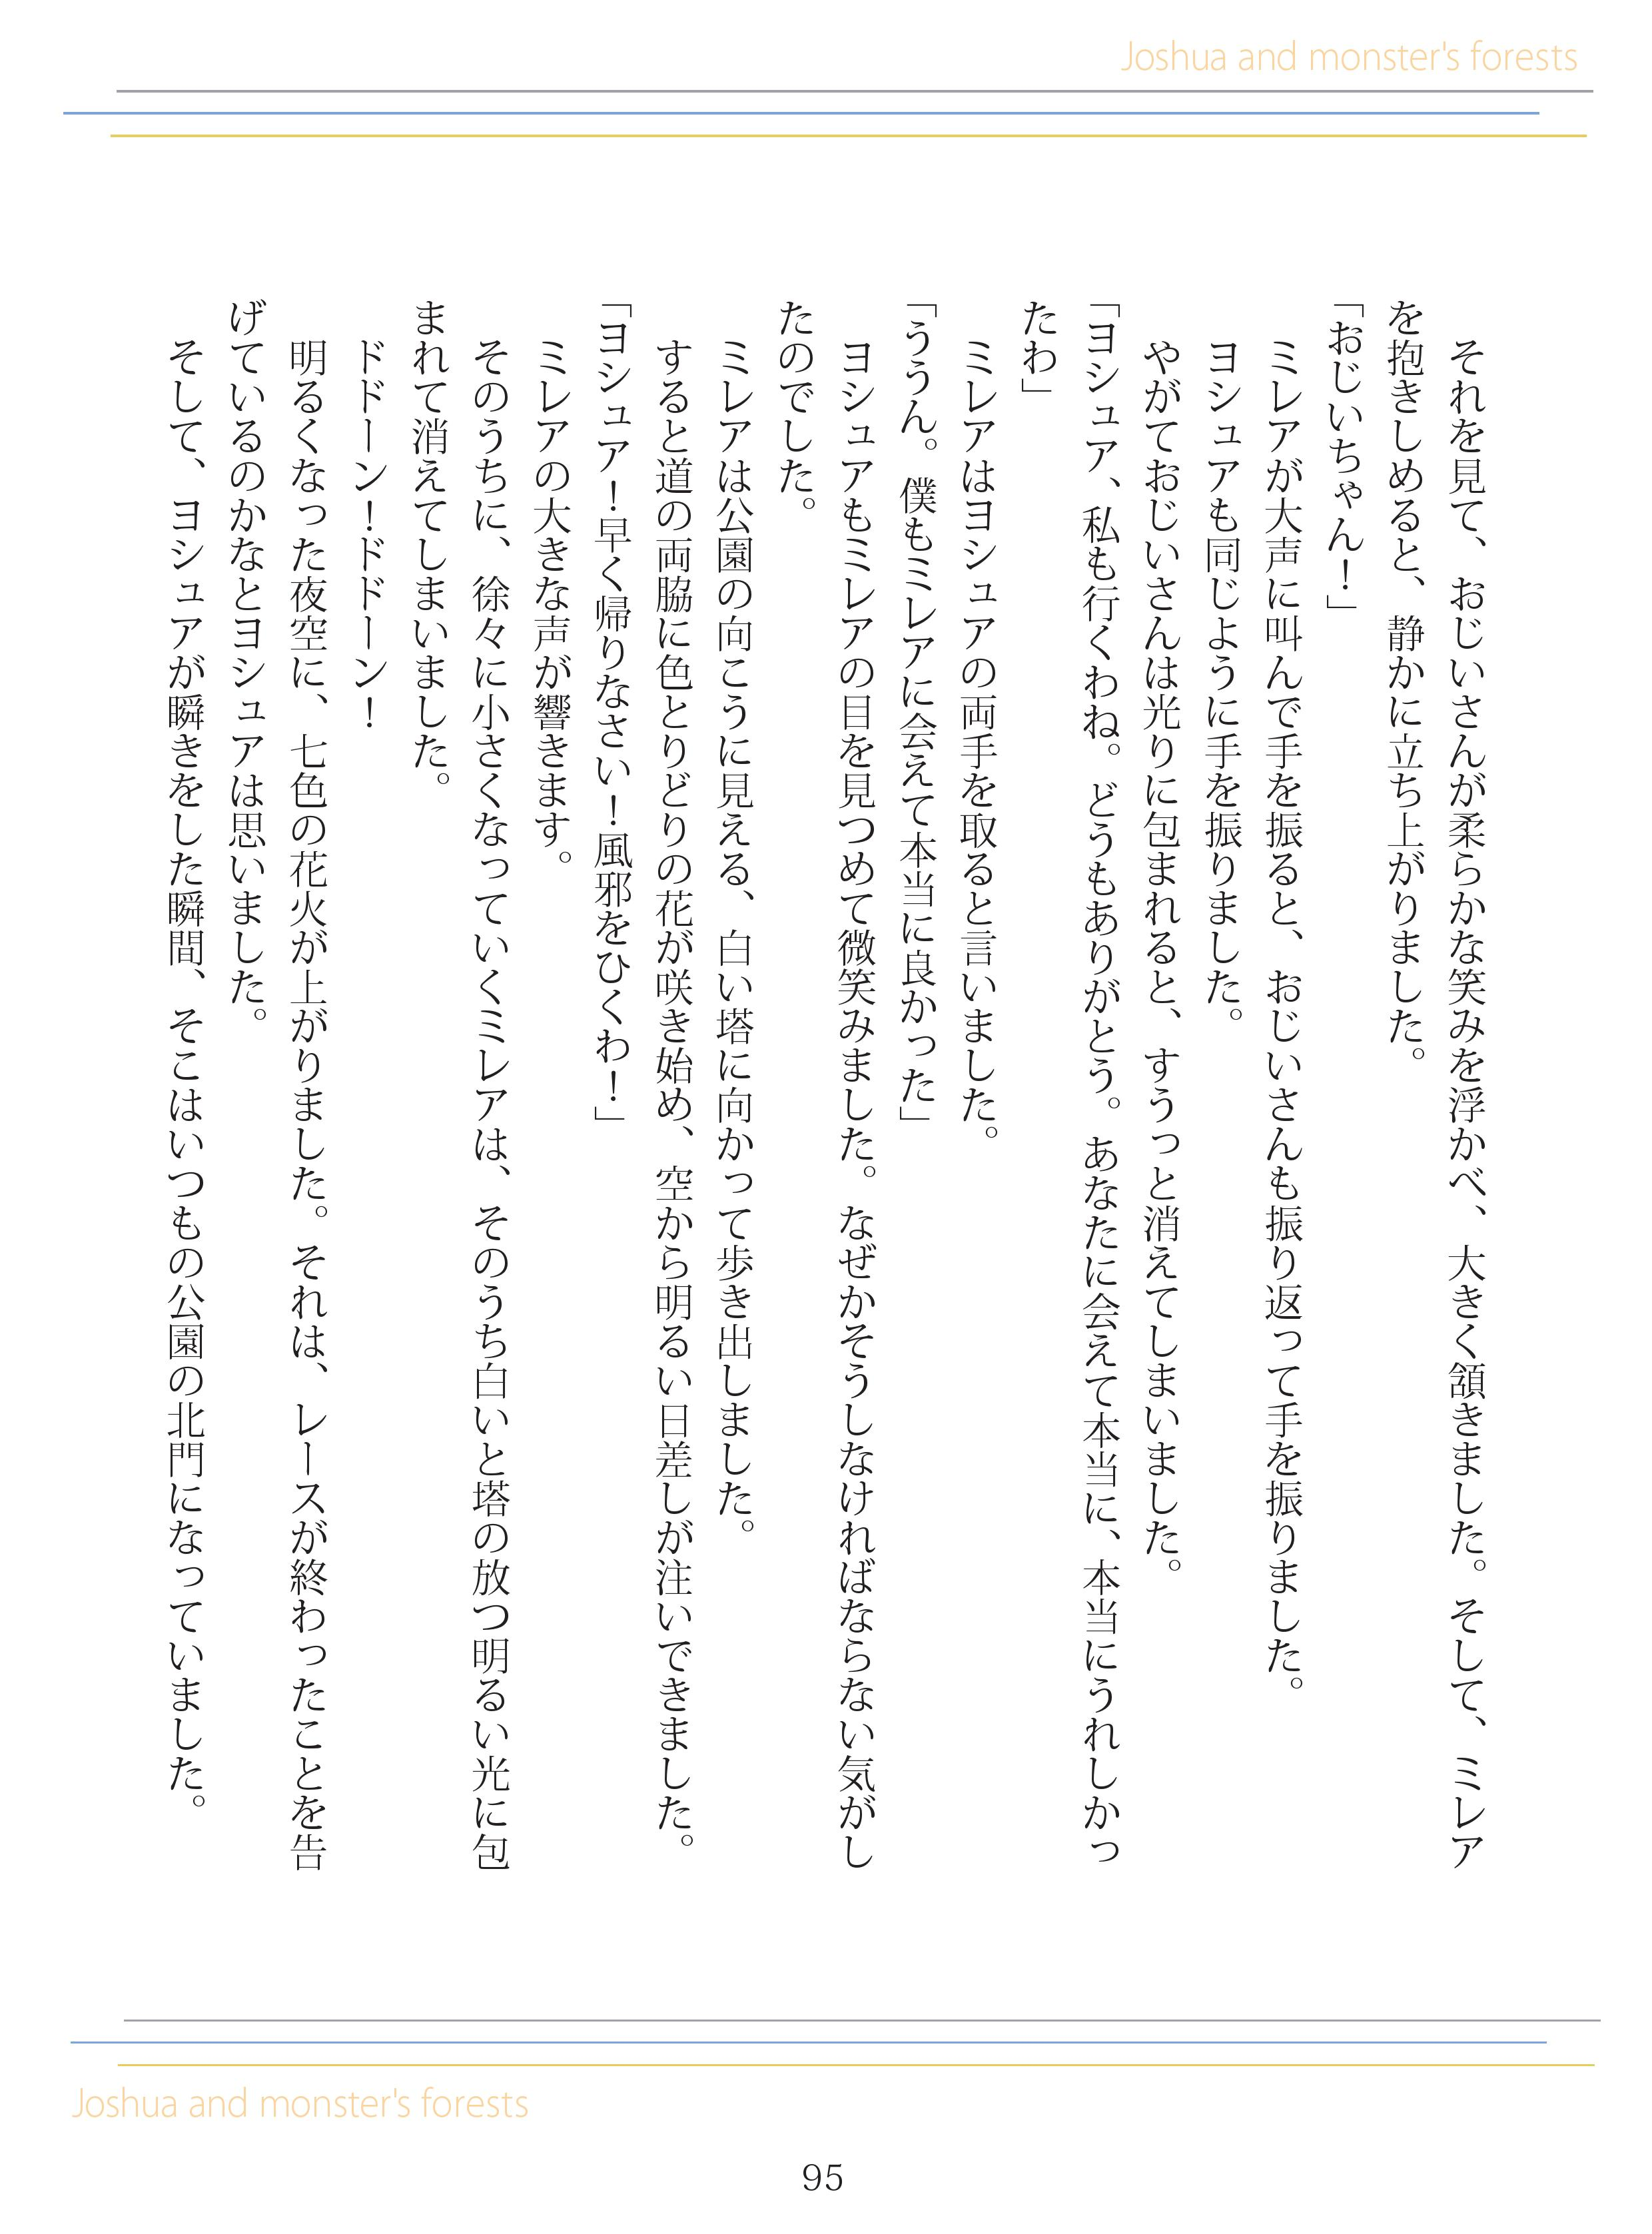 image_096